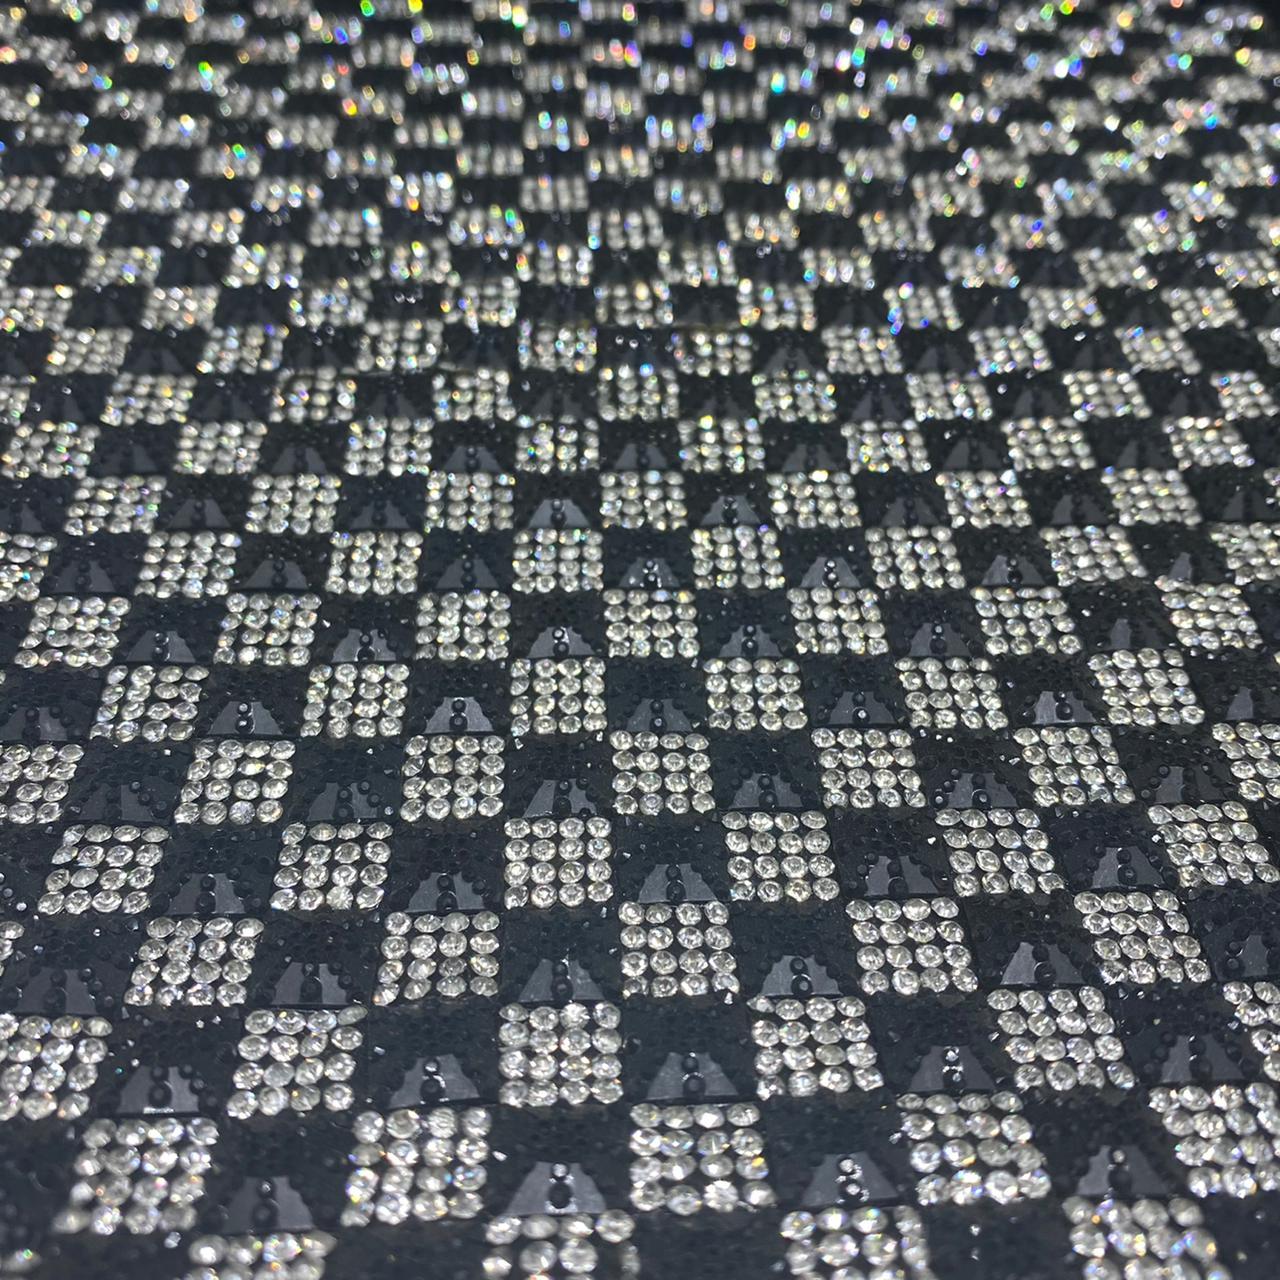 Micro Manta de strass 23x35cm unidade 4965